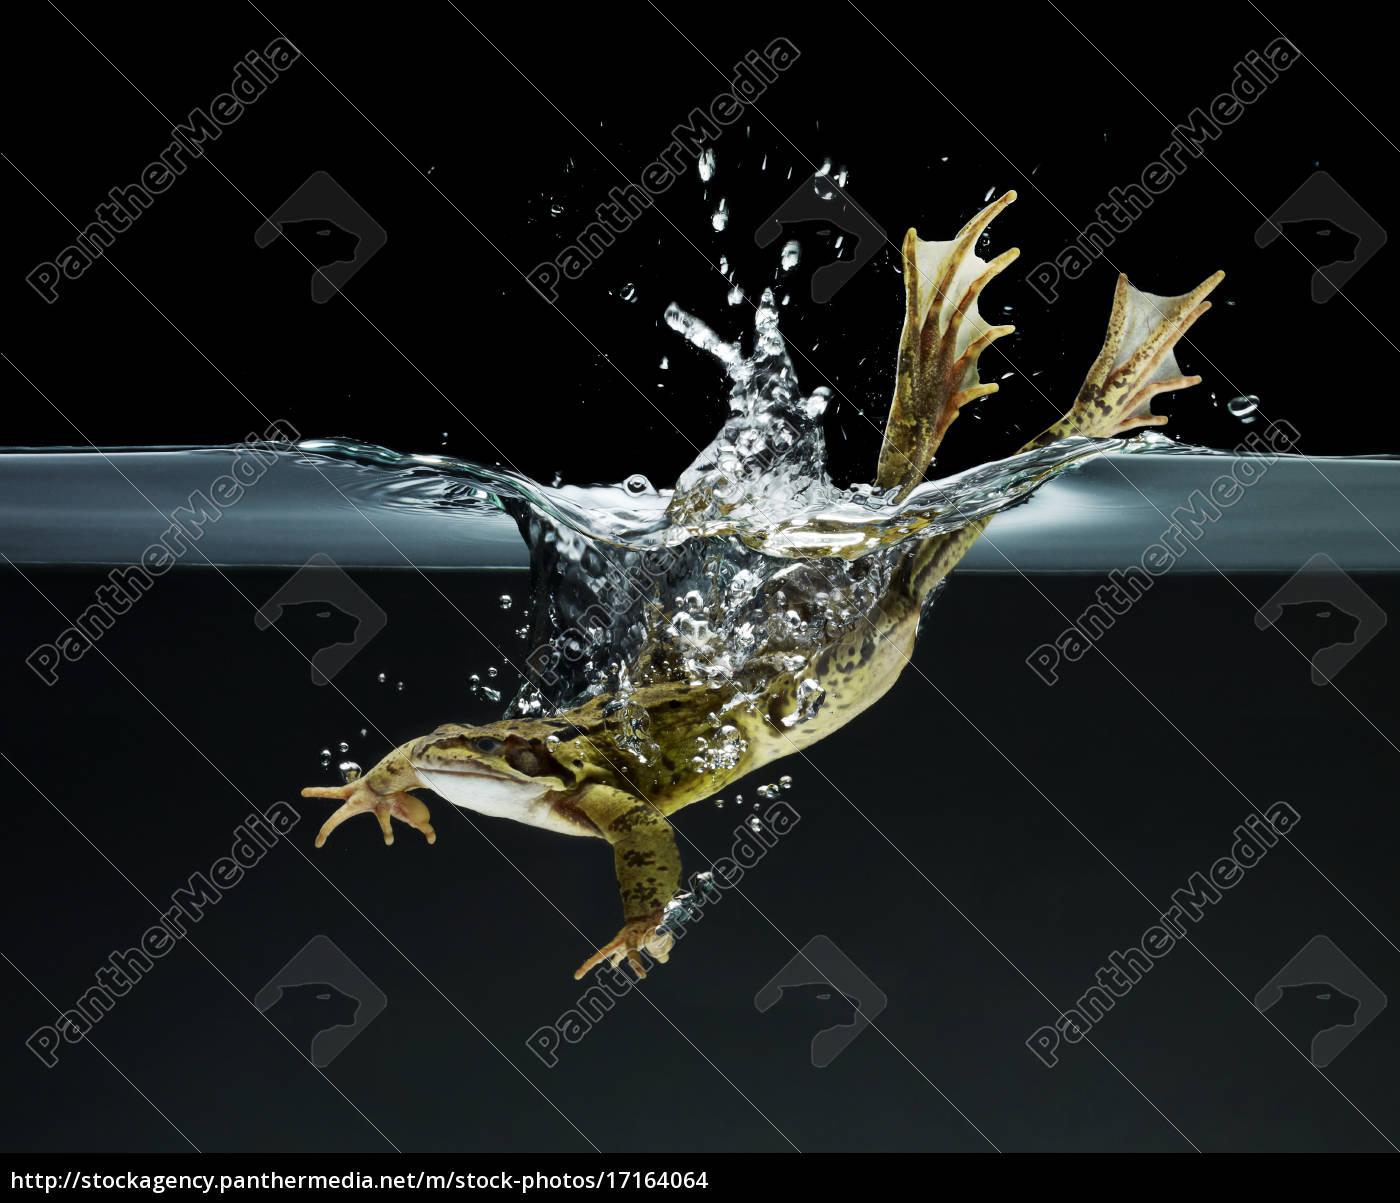 frosch schwimmen unter wasser - Lizenzfreies Foto - #17164064 ...